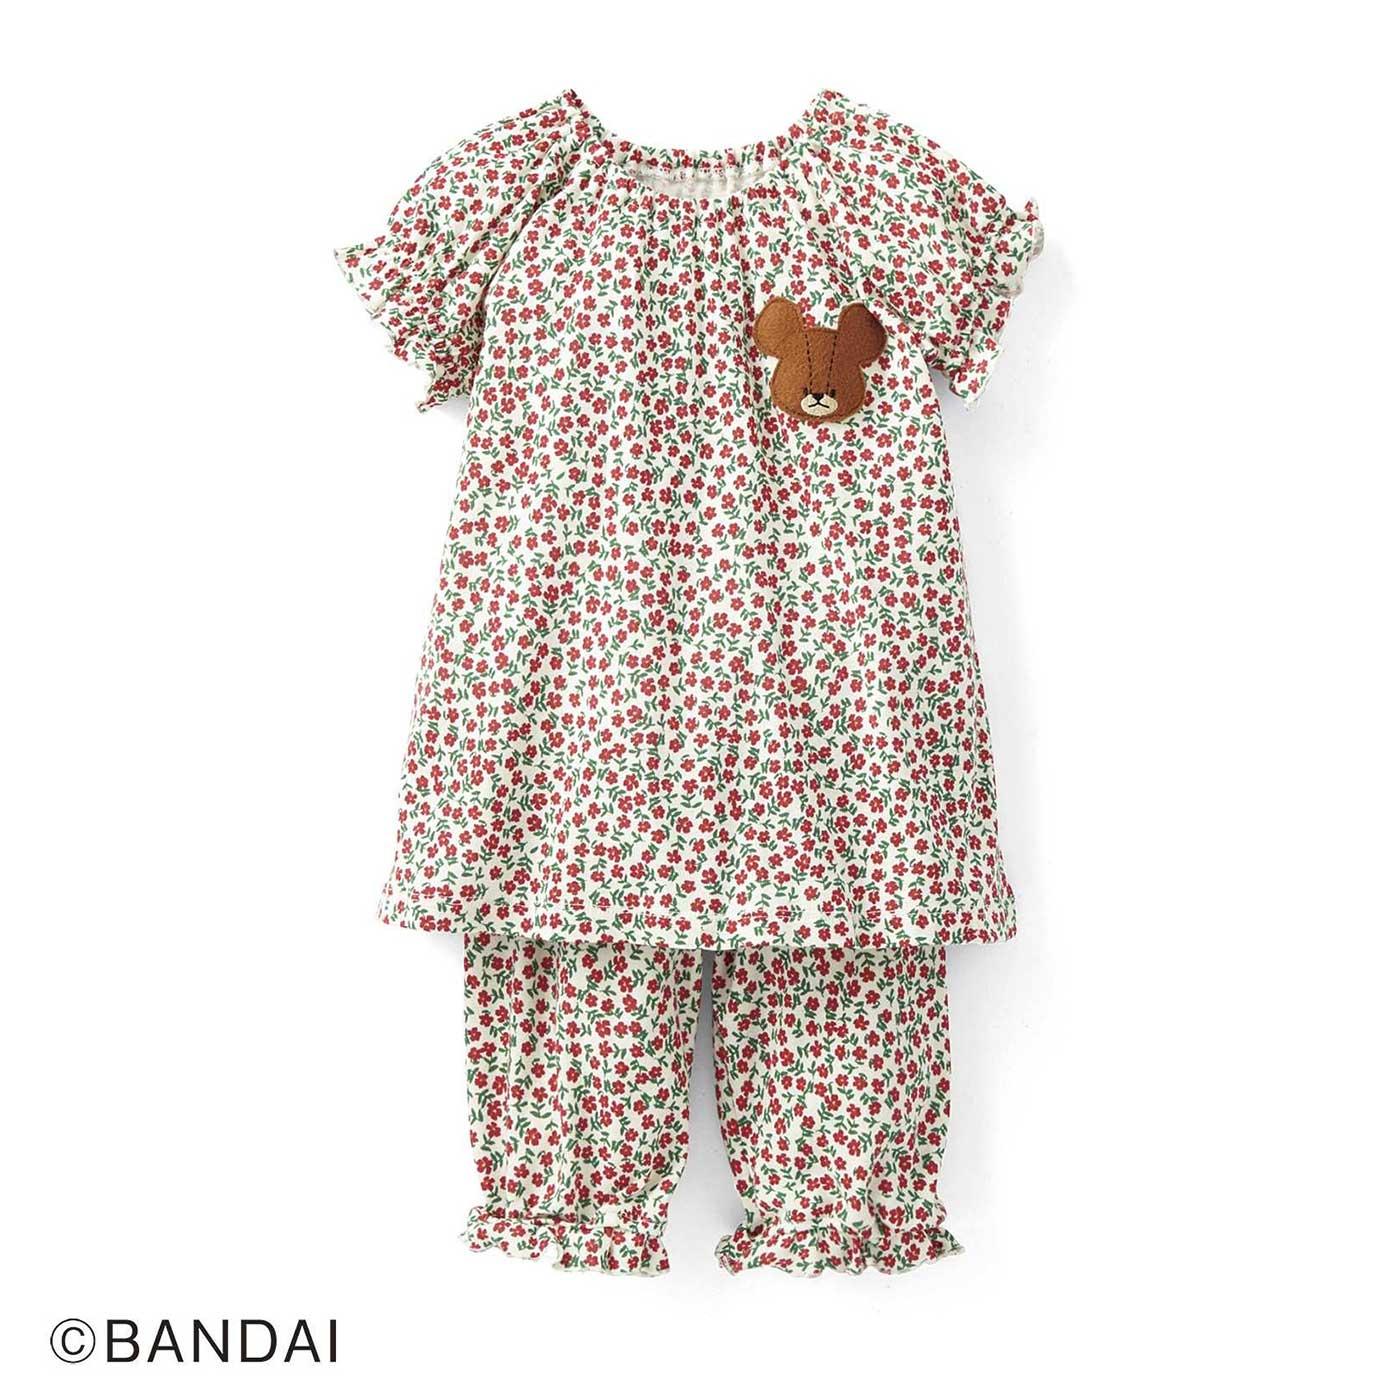 くまのがっこう お花畑でおやすみなさい☆ はらまき付きガールズパジャマ